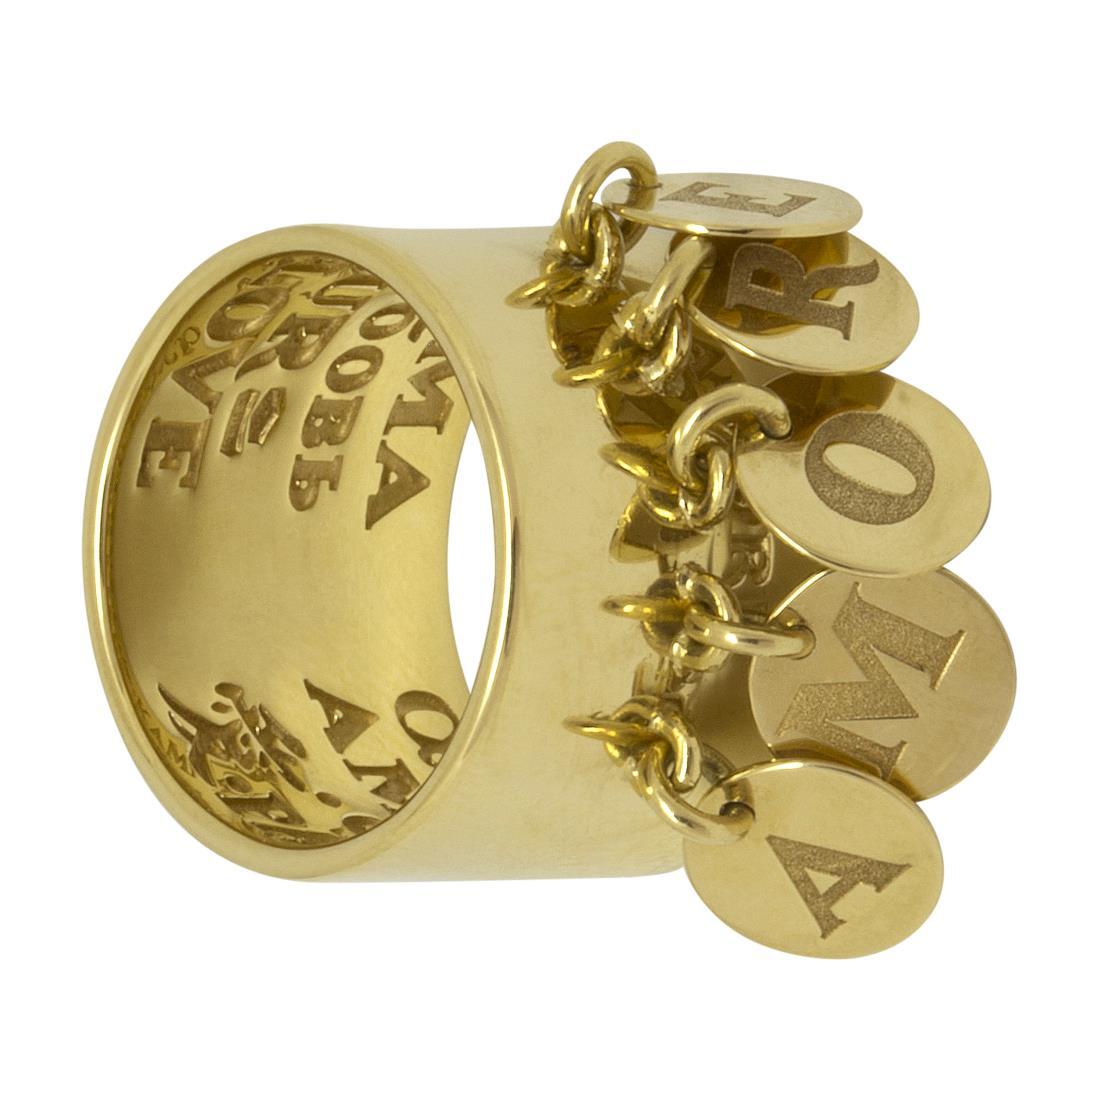 Anello in oro giallo medaglia amore - PASQUALE BRUNI